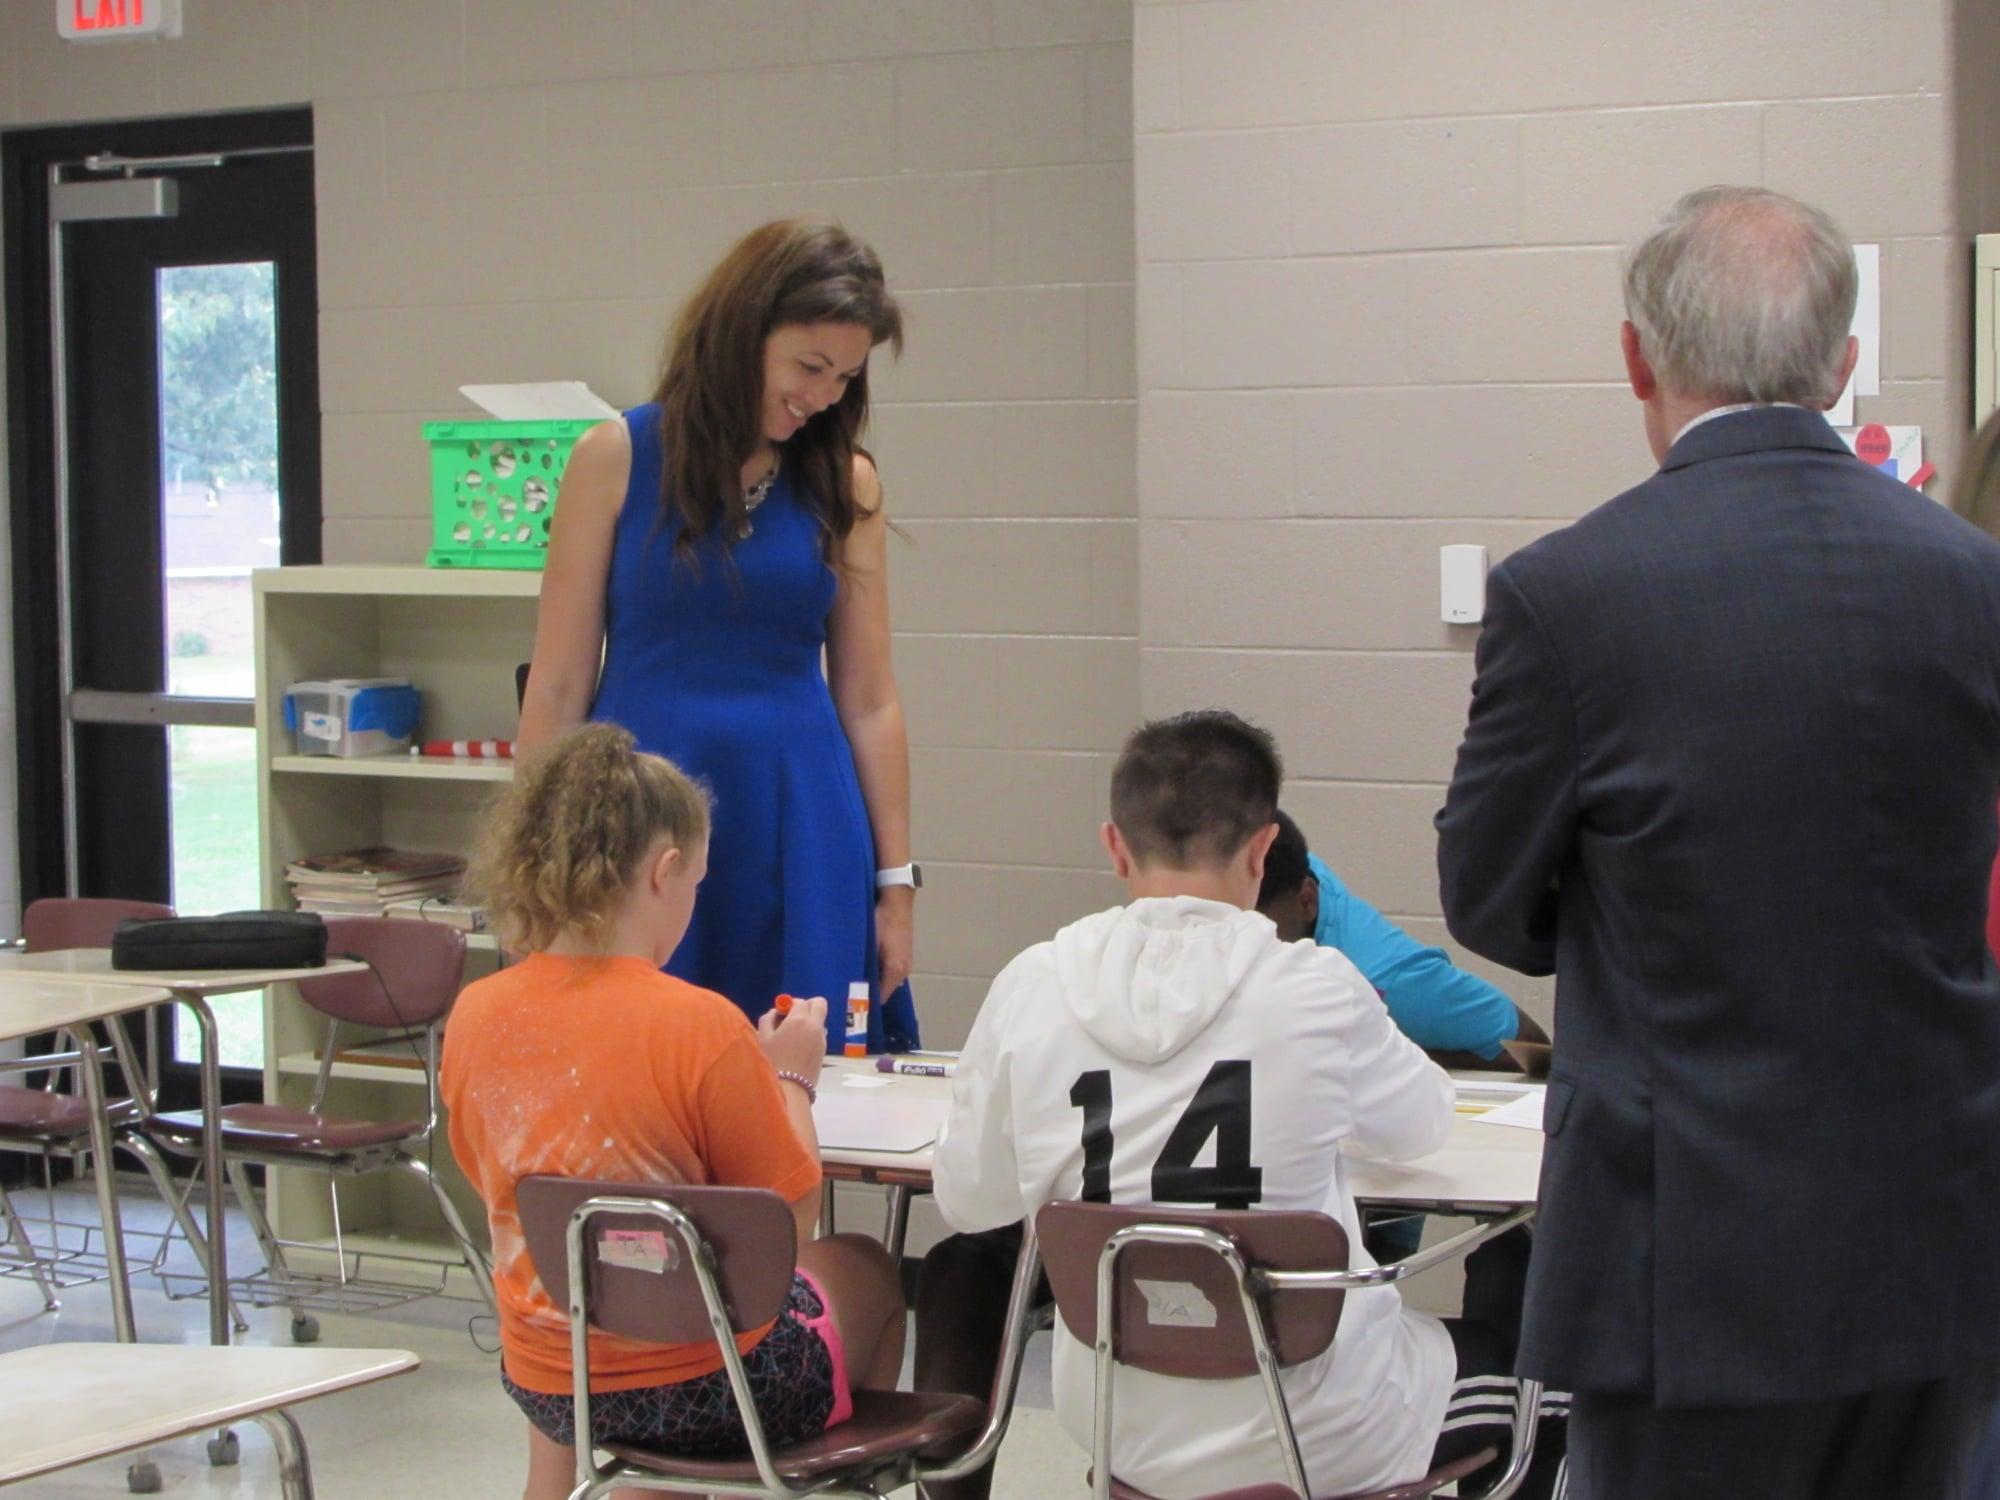 Commissioner and Former Speaker observing students!